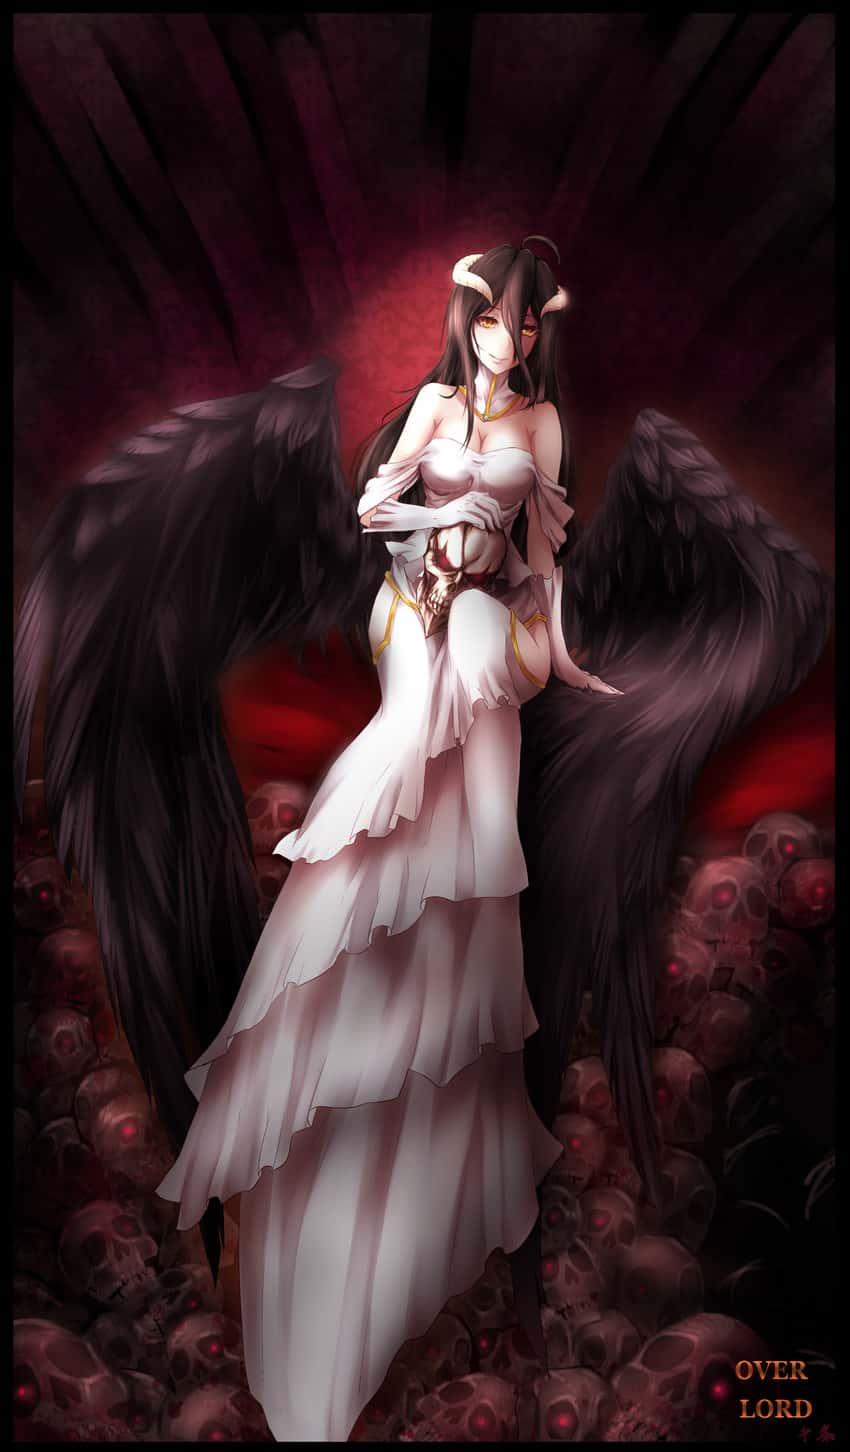 albedo overlord312 - 【オーバーロード】アルベドのエロ画像:イラスト その9